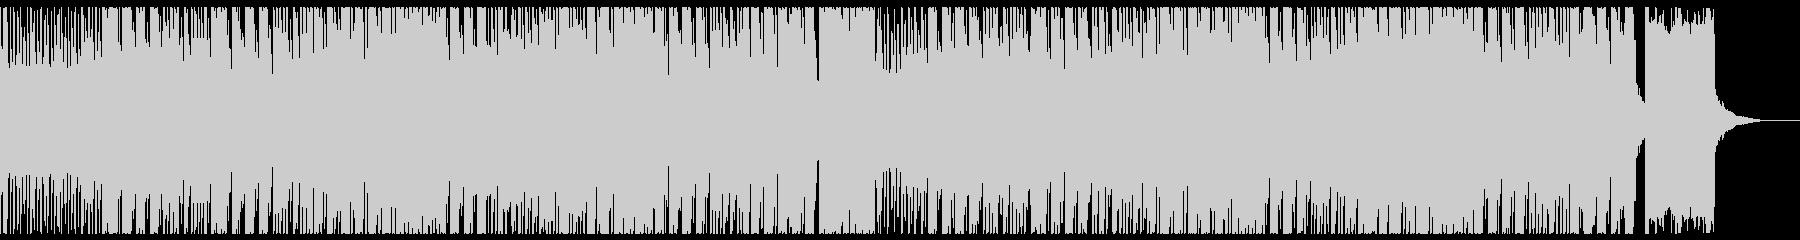 アラベクスのサイバーREMIXの未再生の波形